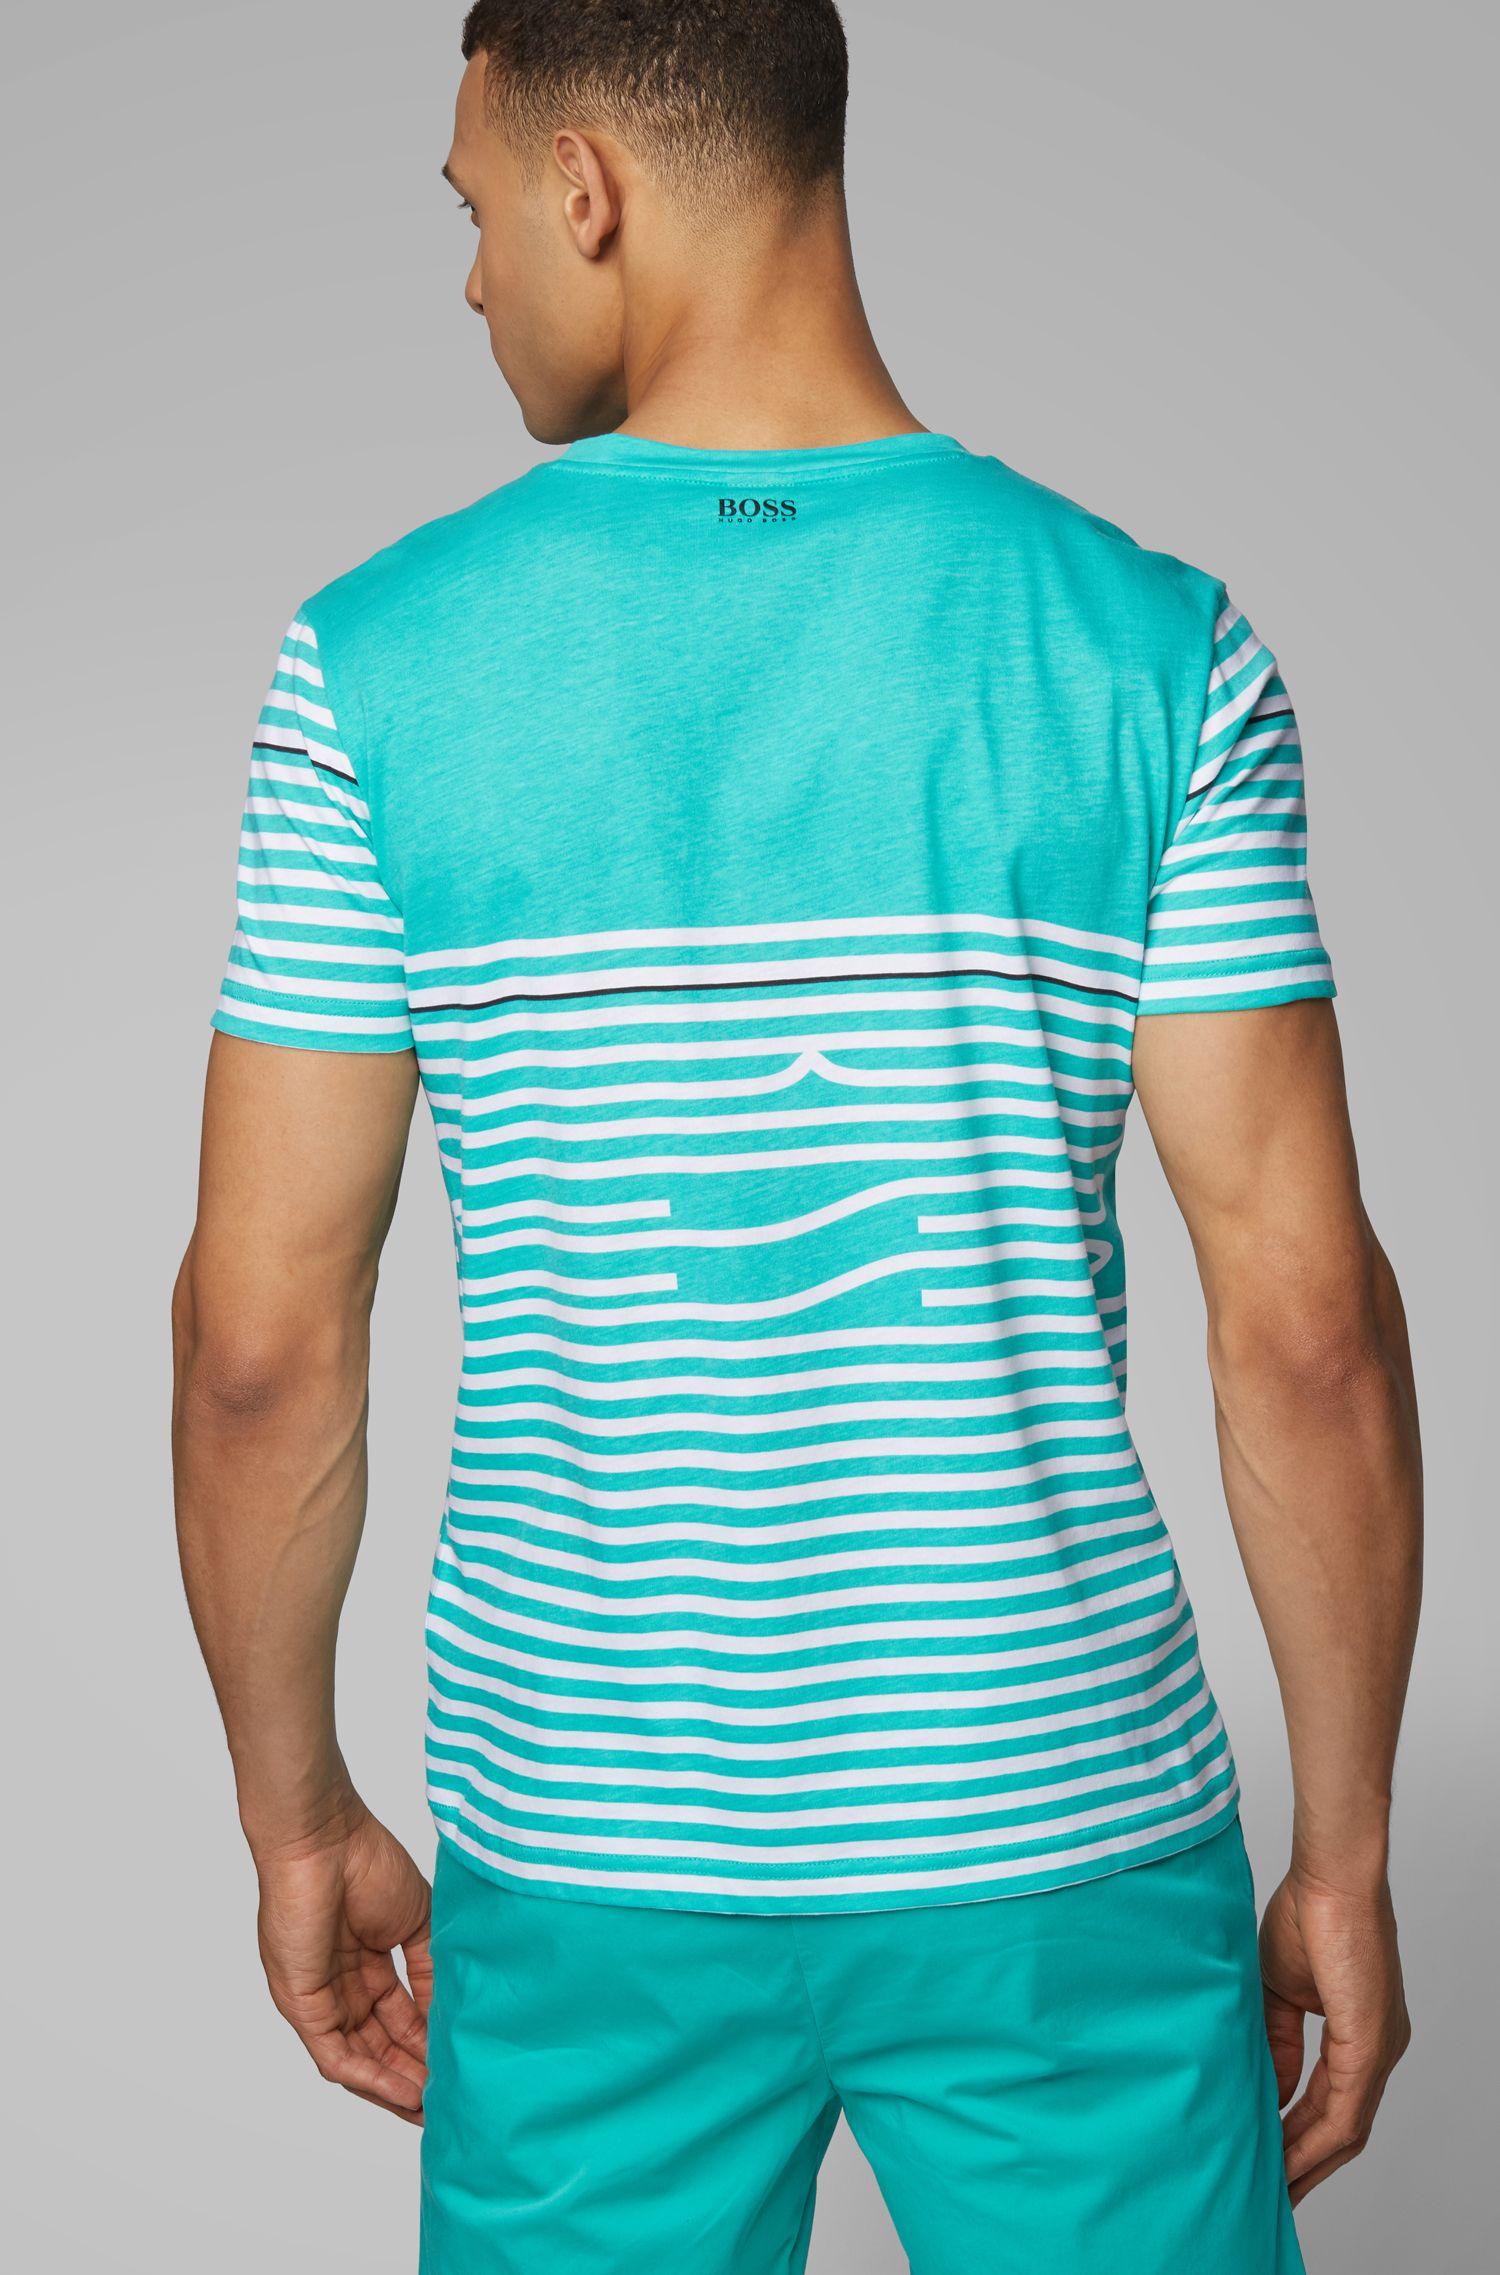 Camiseta de algodón con diseño a rayas, Cal